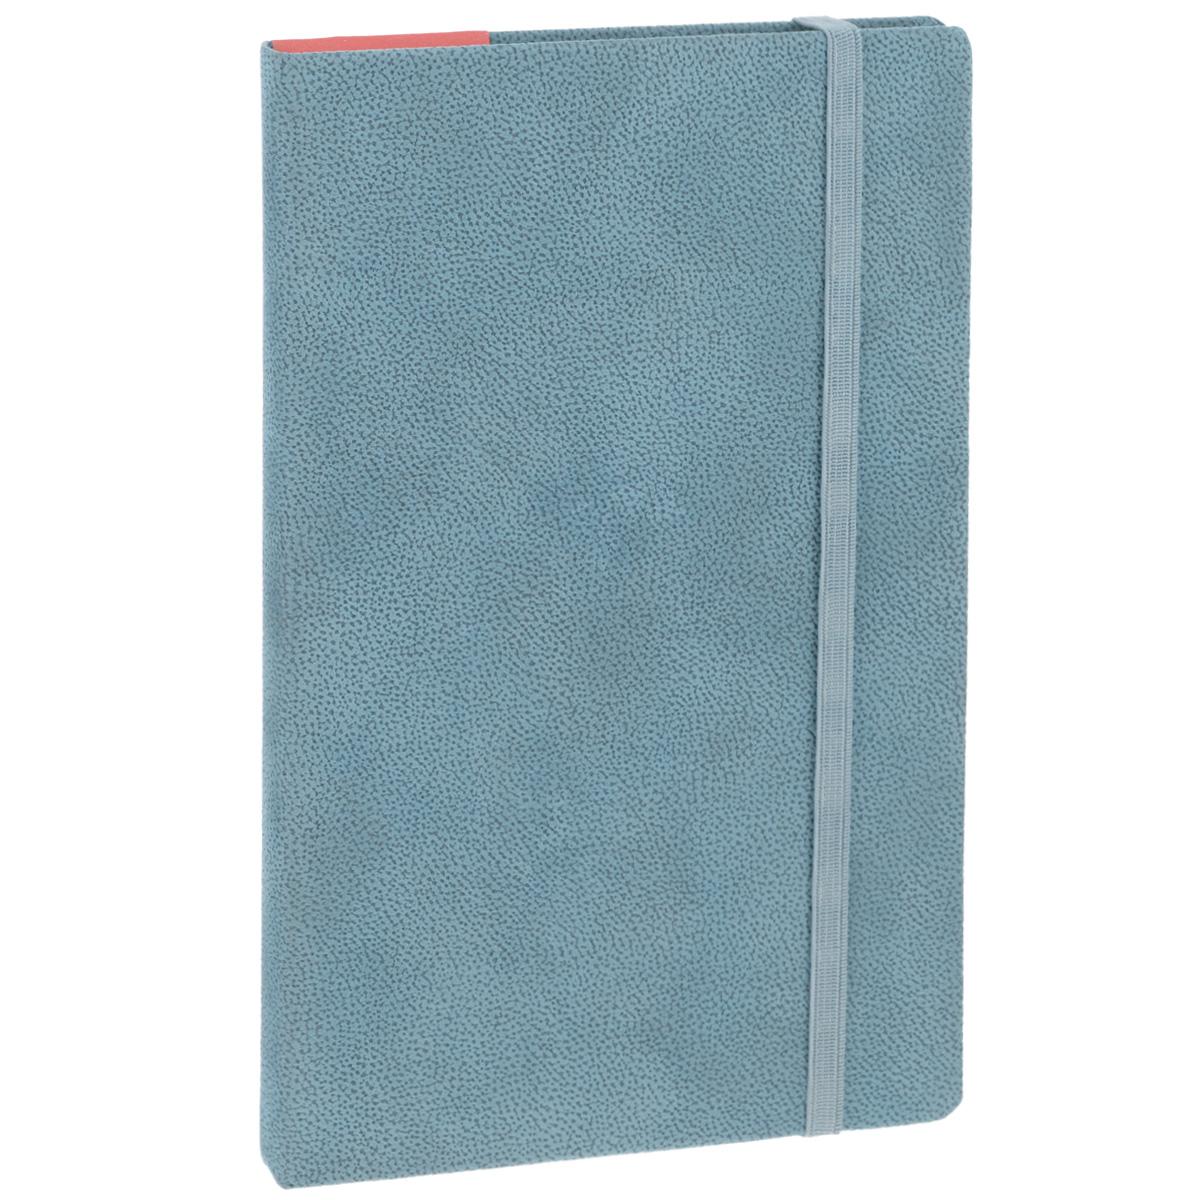 Записная книжка Erich Krause Tann, цвет: серо-голубой, 96 листов mind ulness утренние страницы лимон скругленные углы